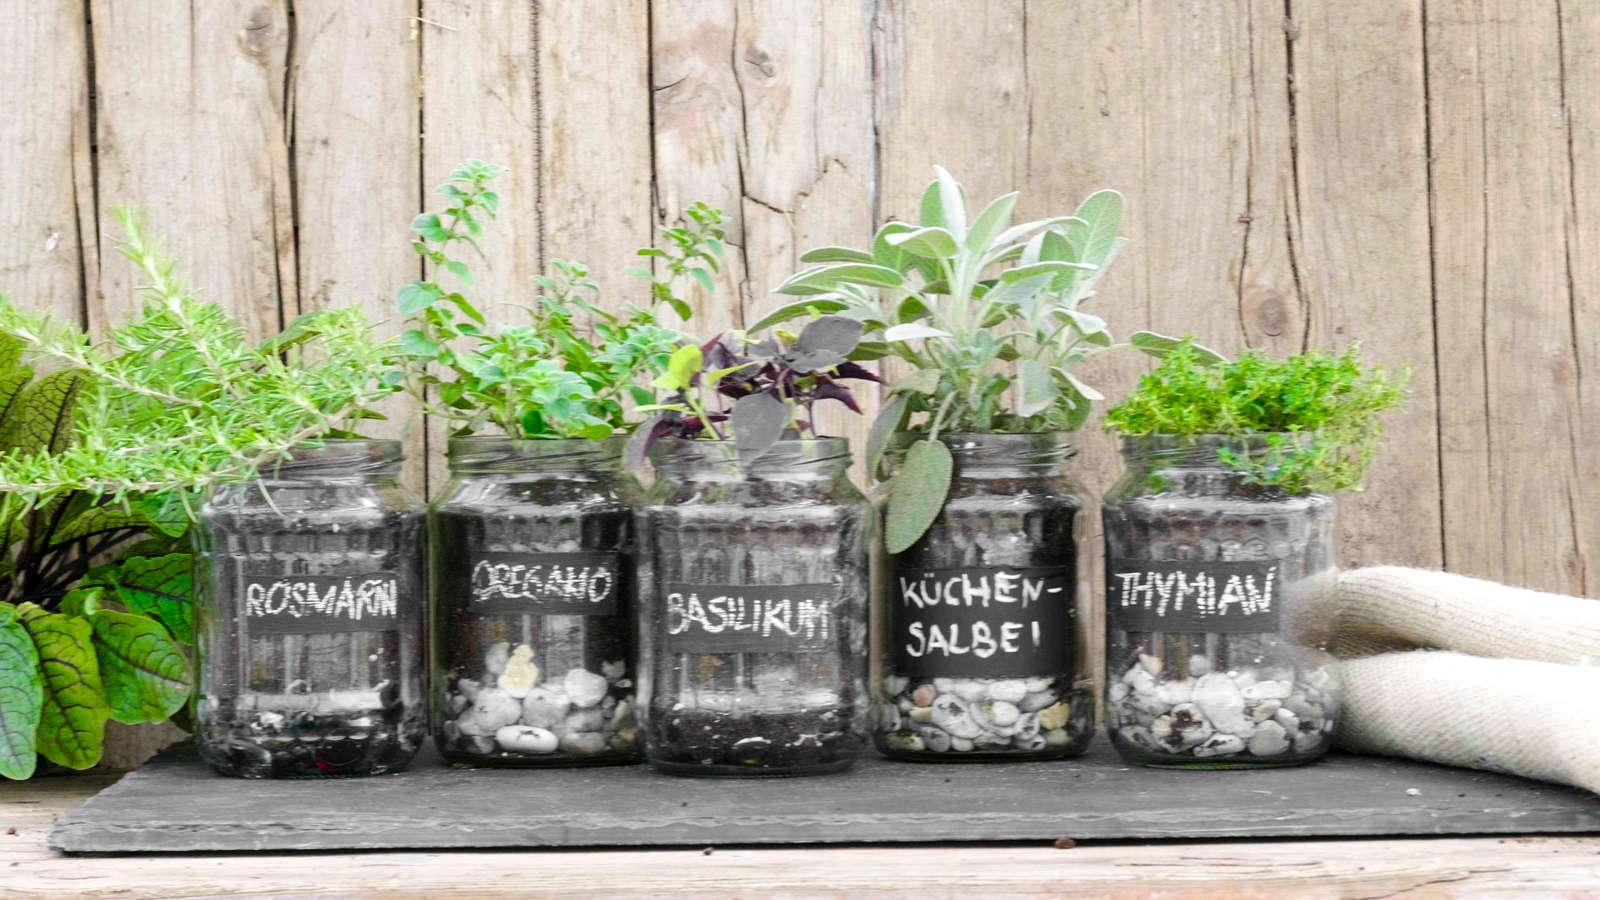 Kräuter im Glas pflanzen: Video-Anleitung & Tipps - Plantura